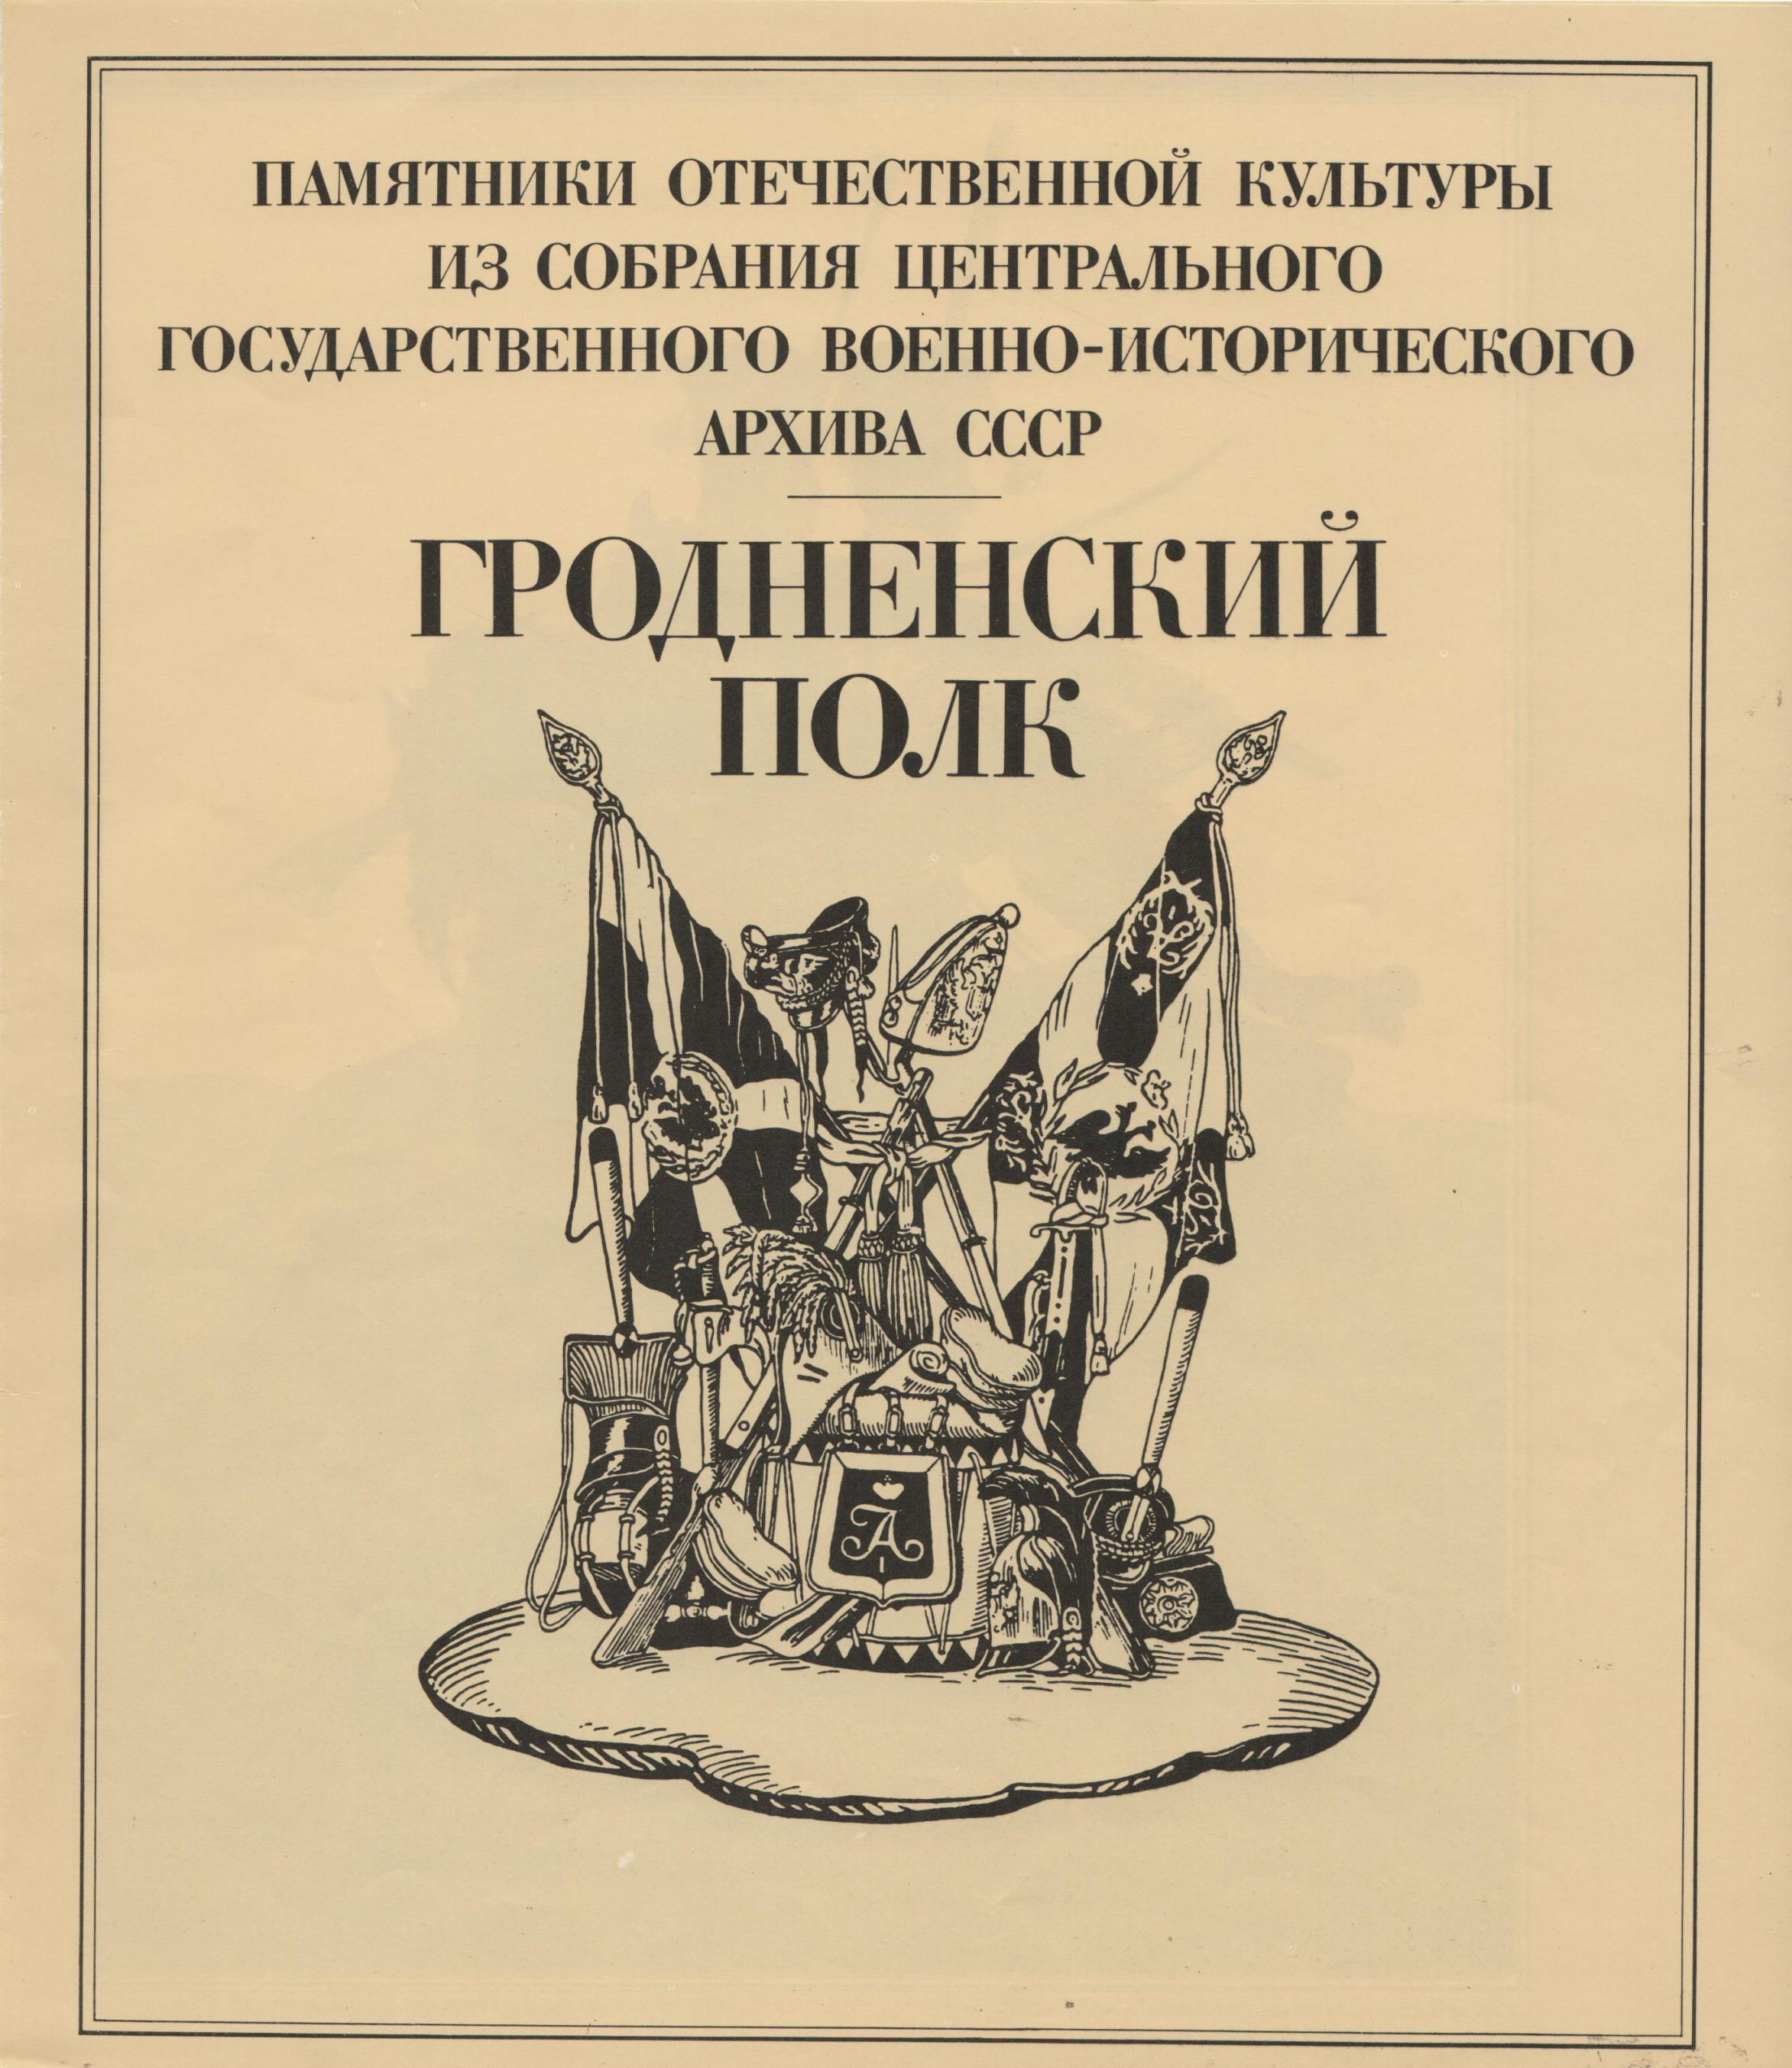 """Альбом """"Гусары эпохи 1812 года"""". Вип. 1. """"Гродненский полк"""". Серія перша """"Русский военный костюм"""" (2 од.)"""